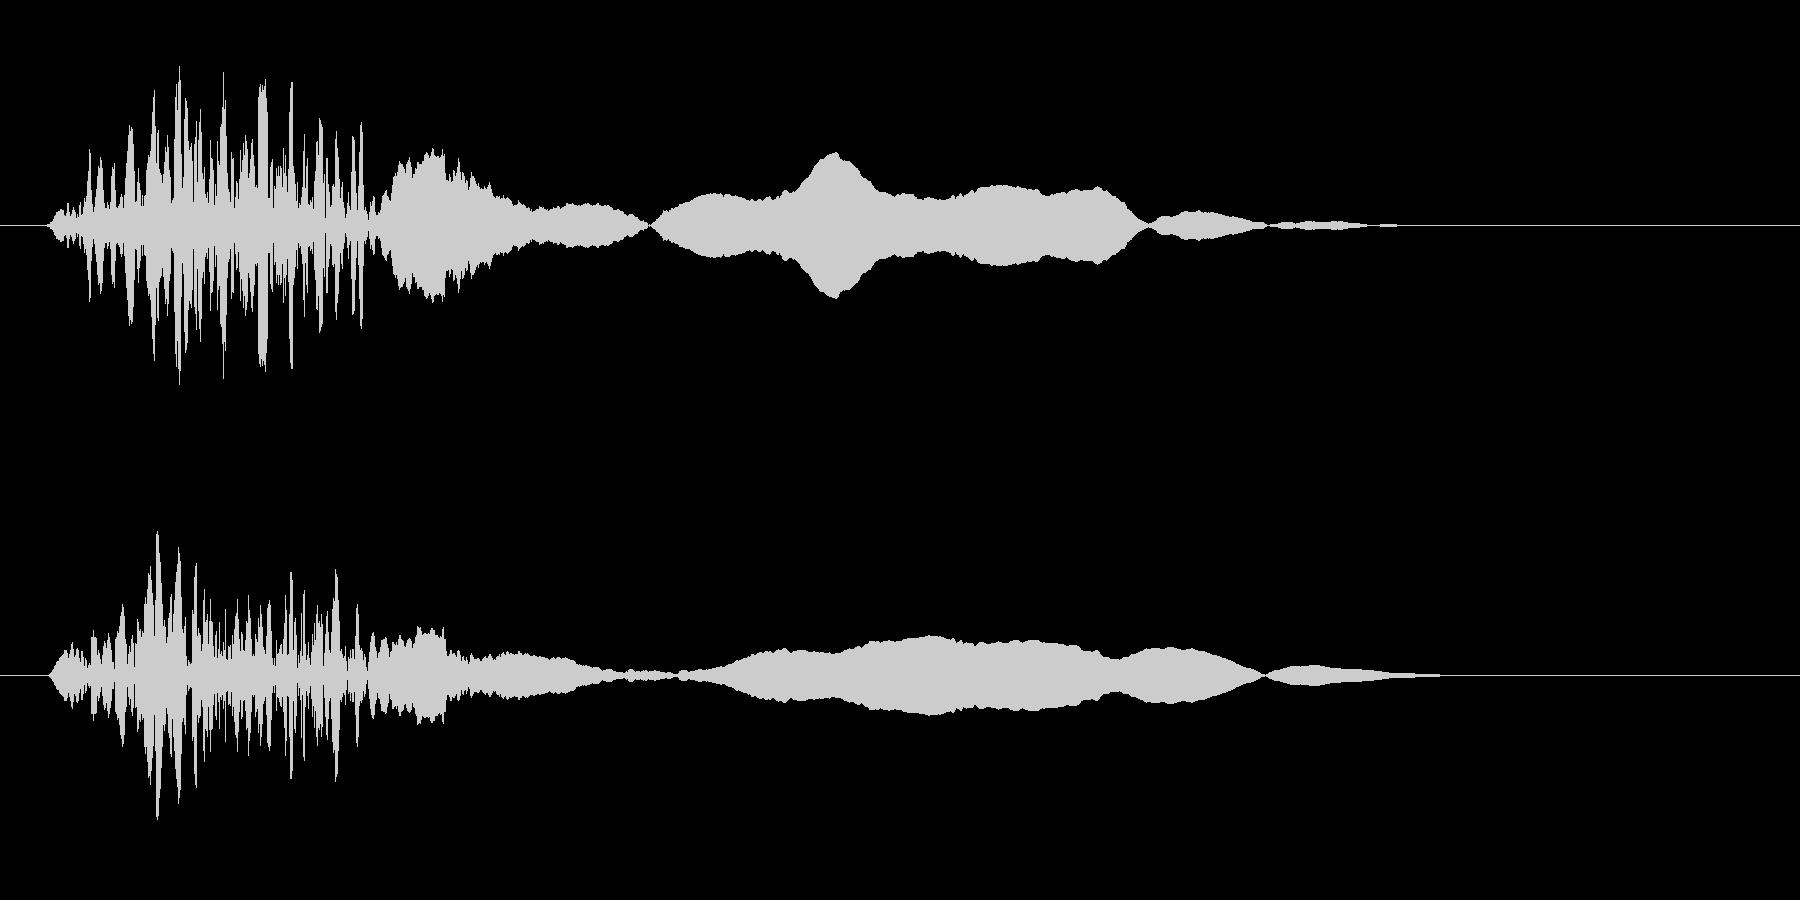 ざっ(勢いよく空気を切り裂く音)の未再生の波形